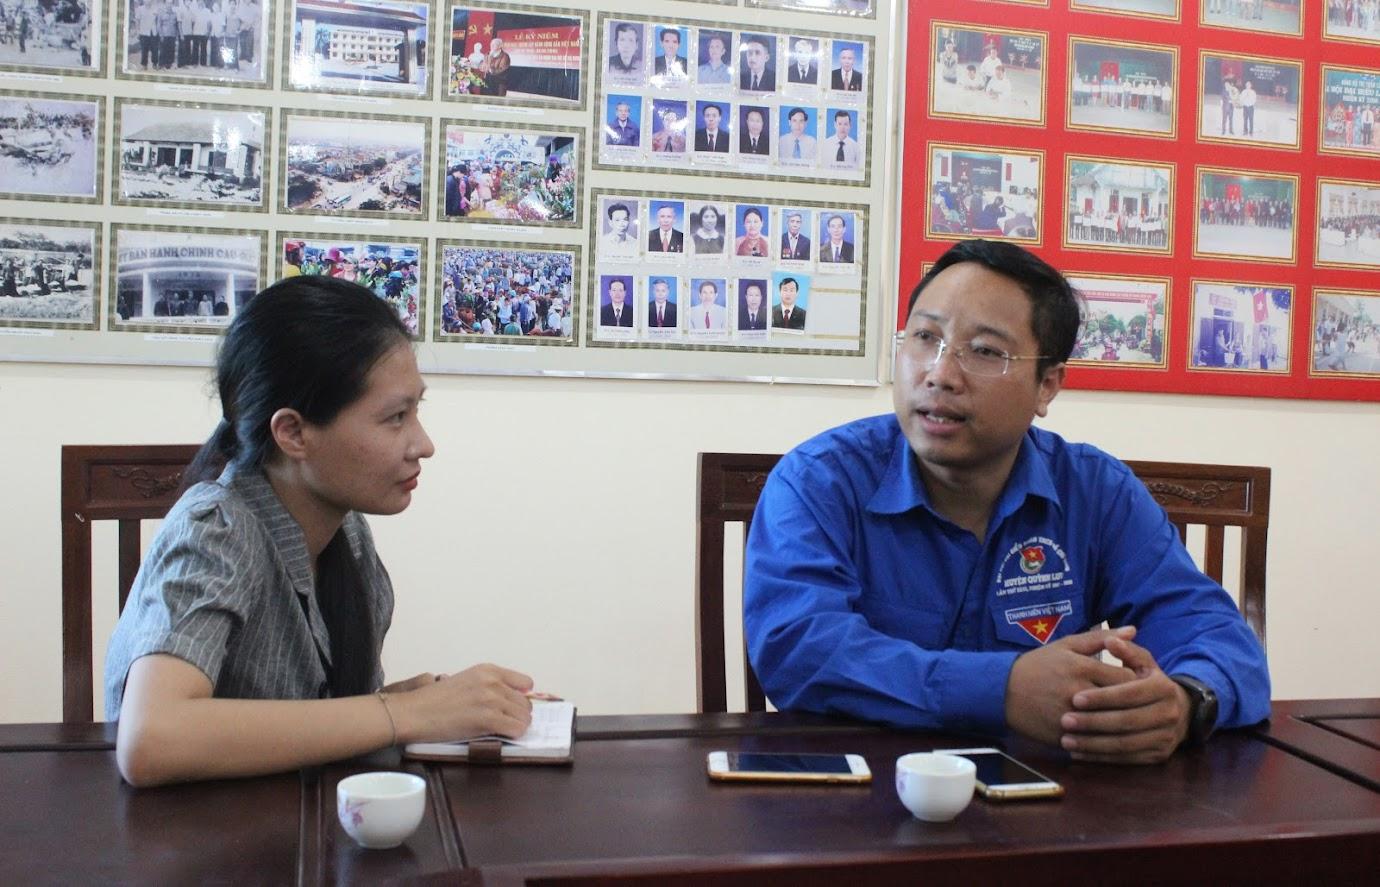 Phóng viên trao đổi với ông Nguyễn Đình Lượng, Bí thư đoàn thị trấn Cầu Giát, huyện Quỳnh Lưu - Là tấm gương điển hình, được Tỉnh ủy tặng Bằng khen trong việc thực hiện Chỉ thị 05